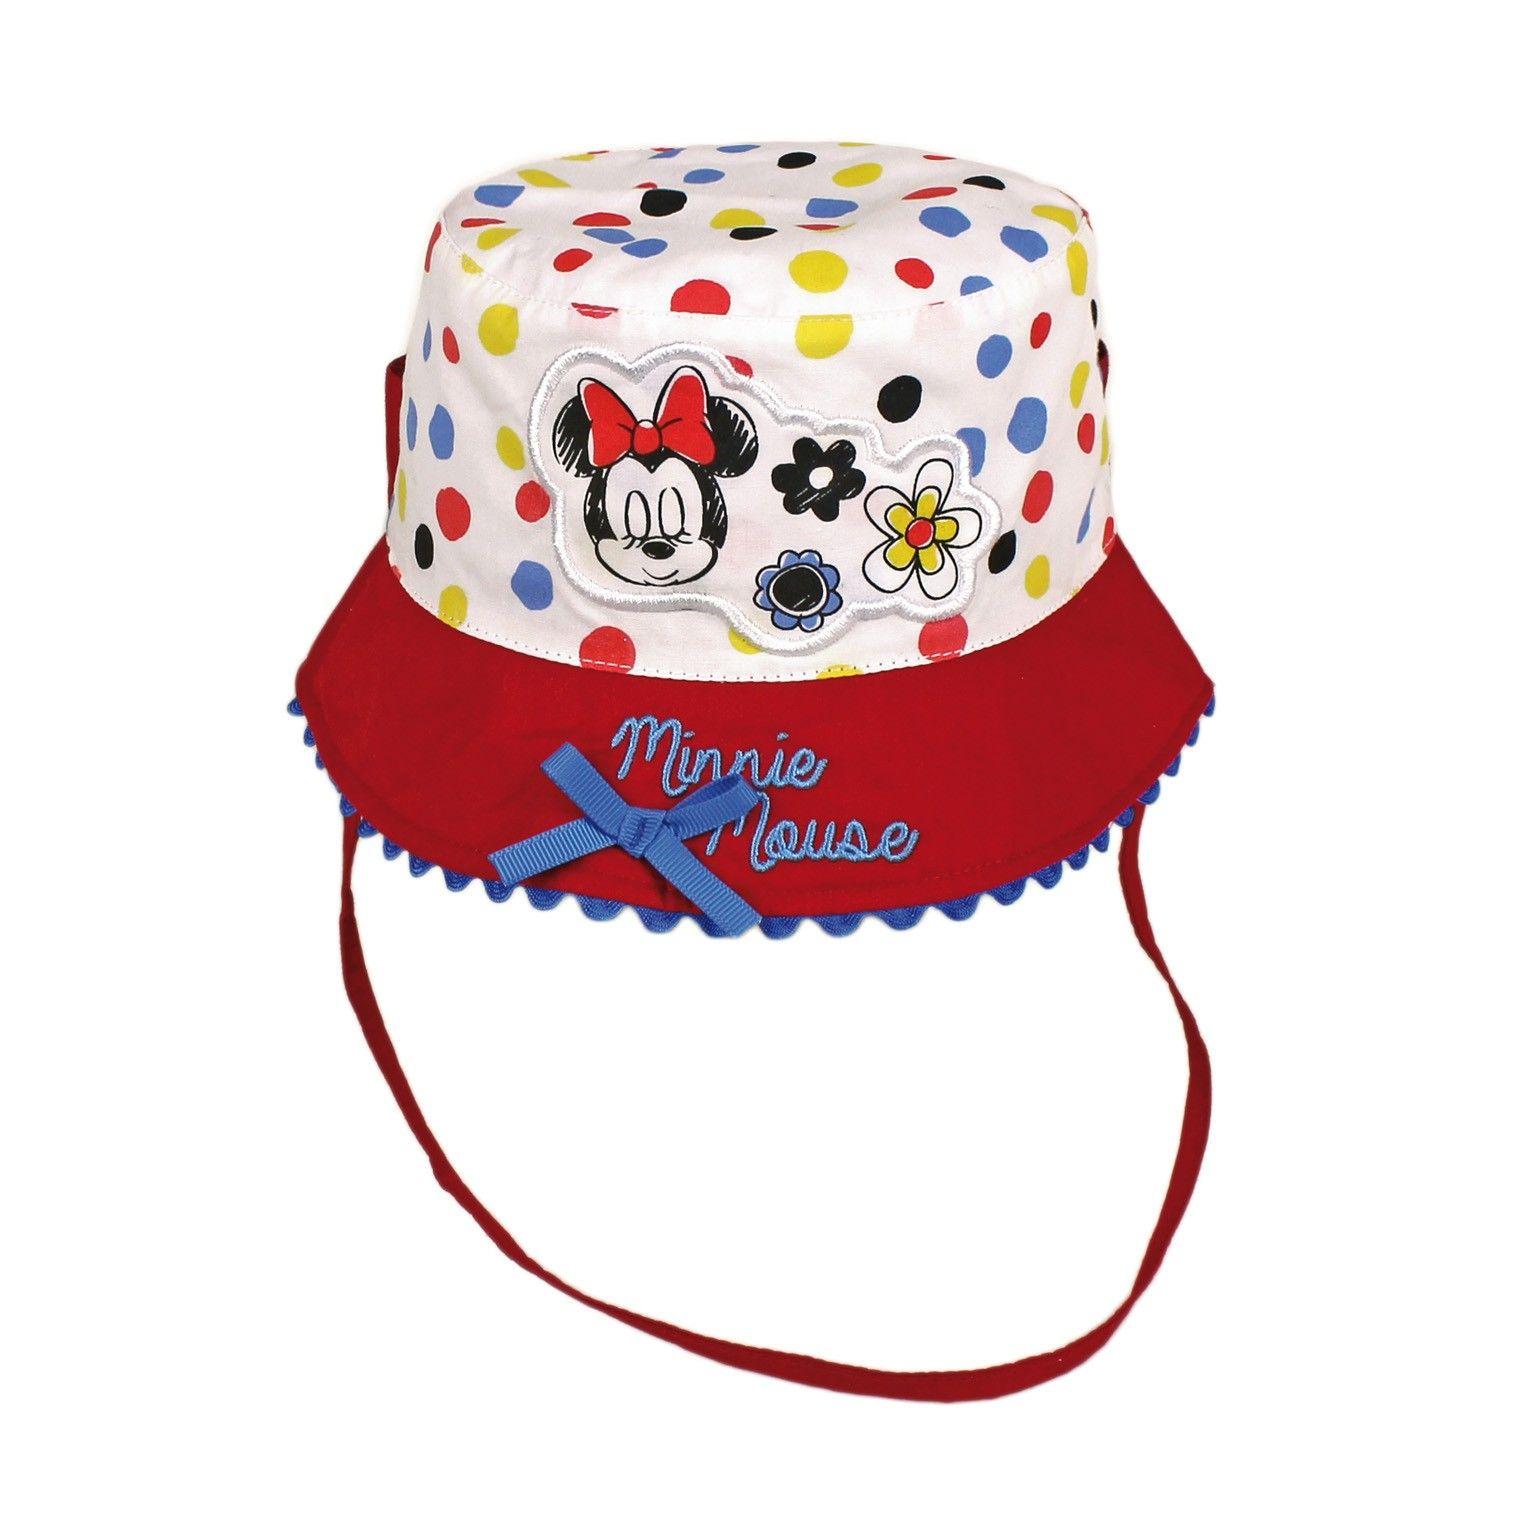 Sombrero de Minnie para bebés. Perfecto para cubrir la cabeza de los más  pequeños y 6388a2dbd4d